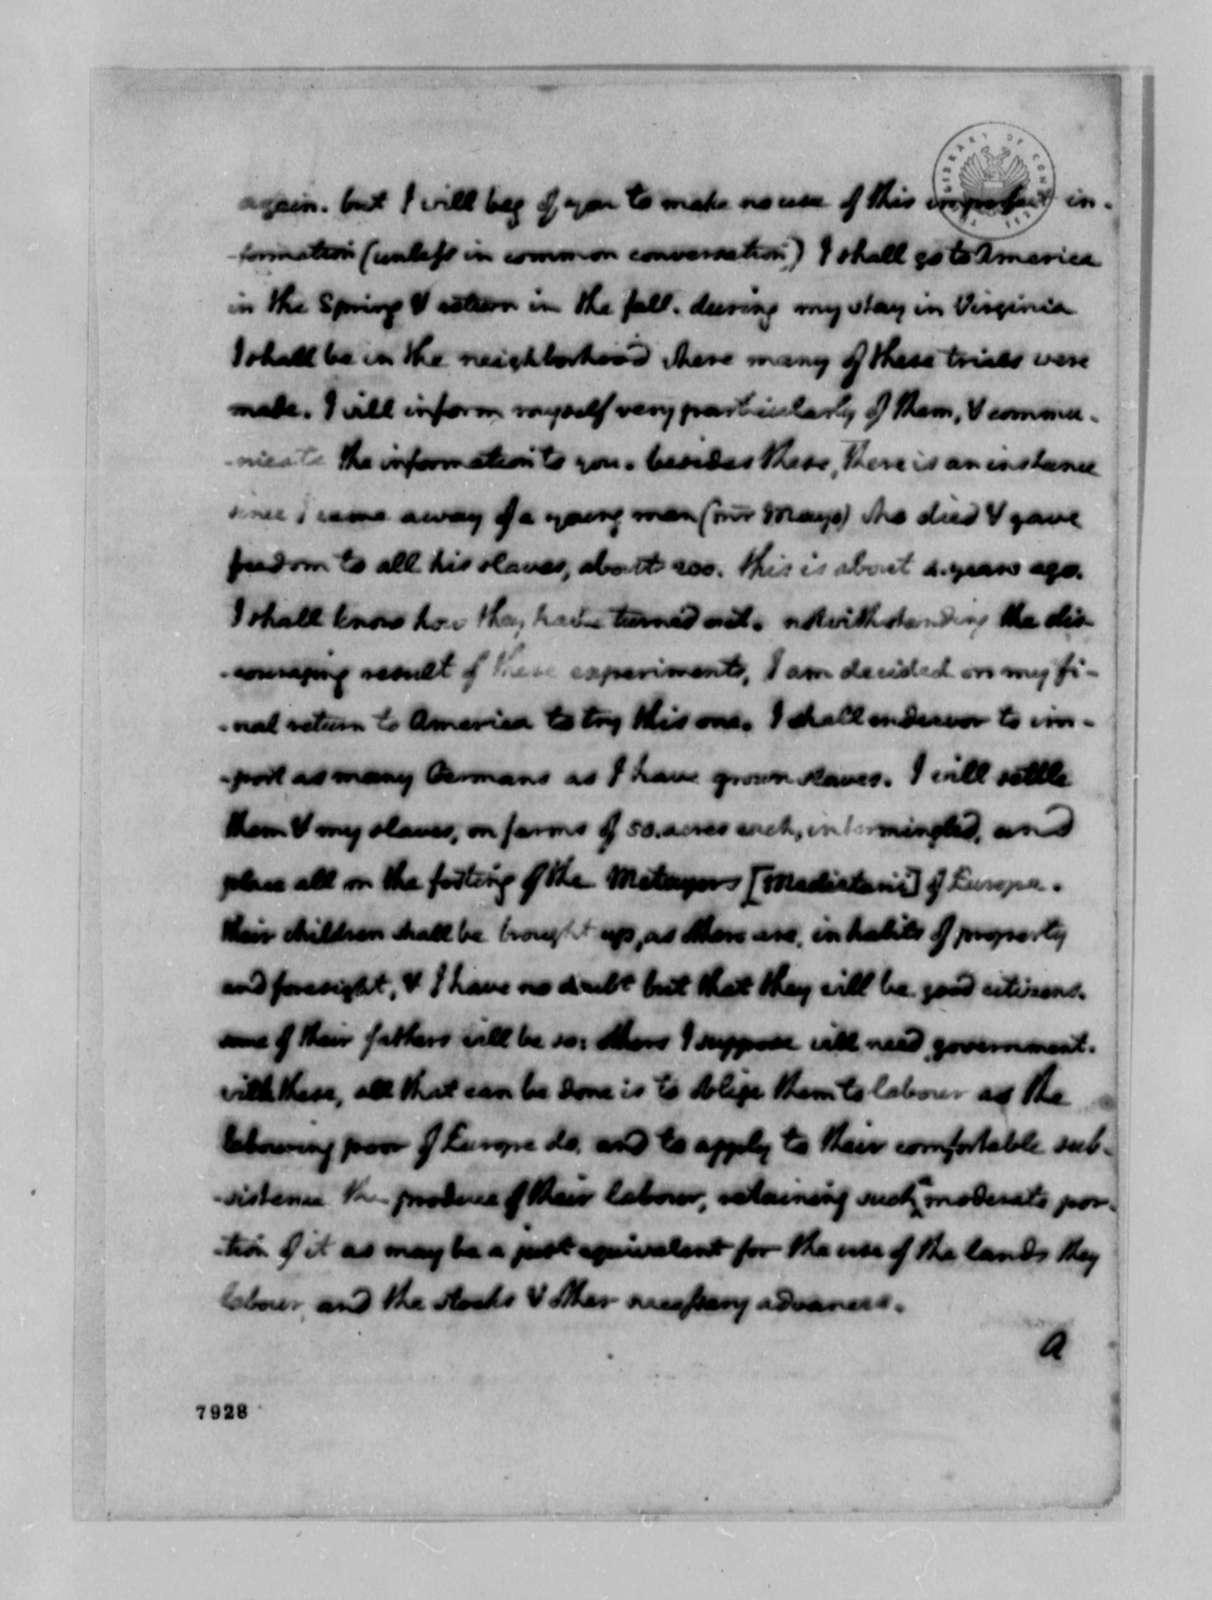 Thomas Jefferson to Edward Bancroft, January 26, 1789